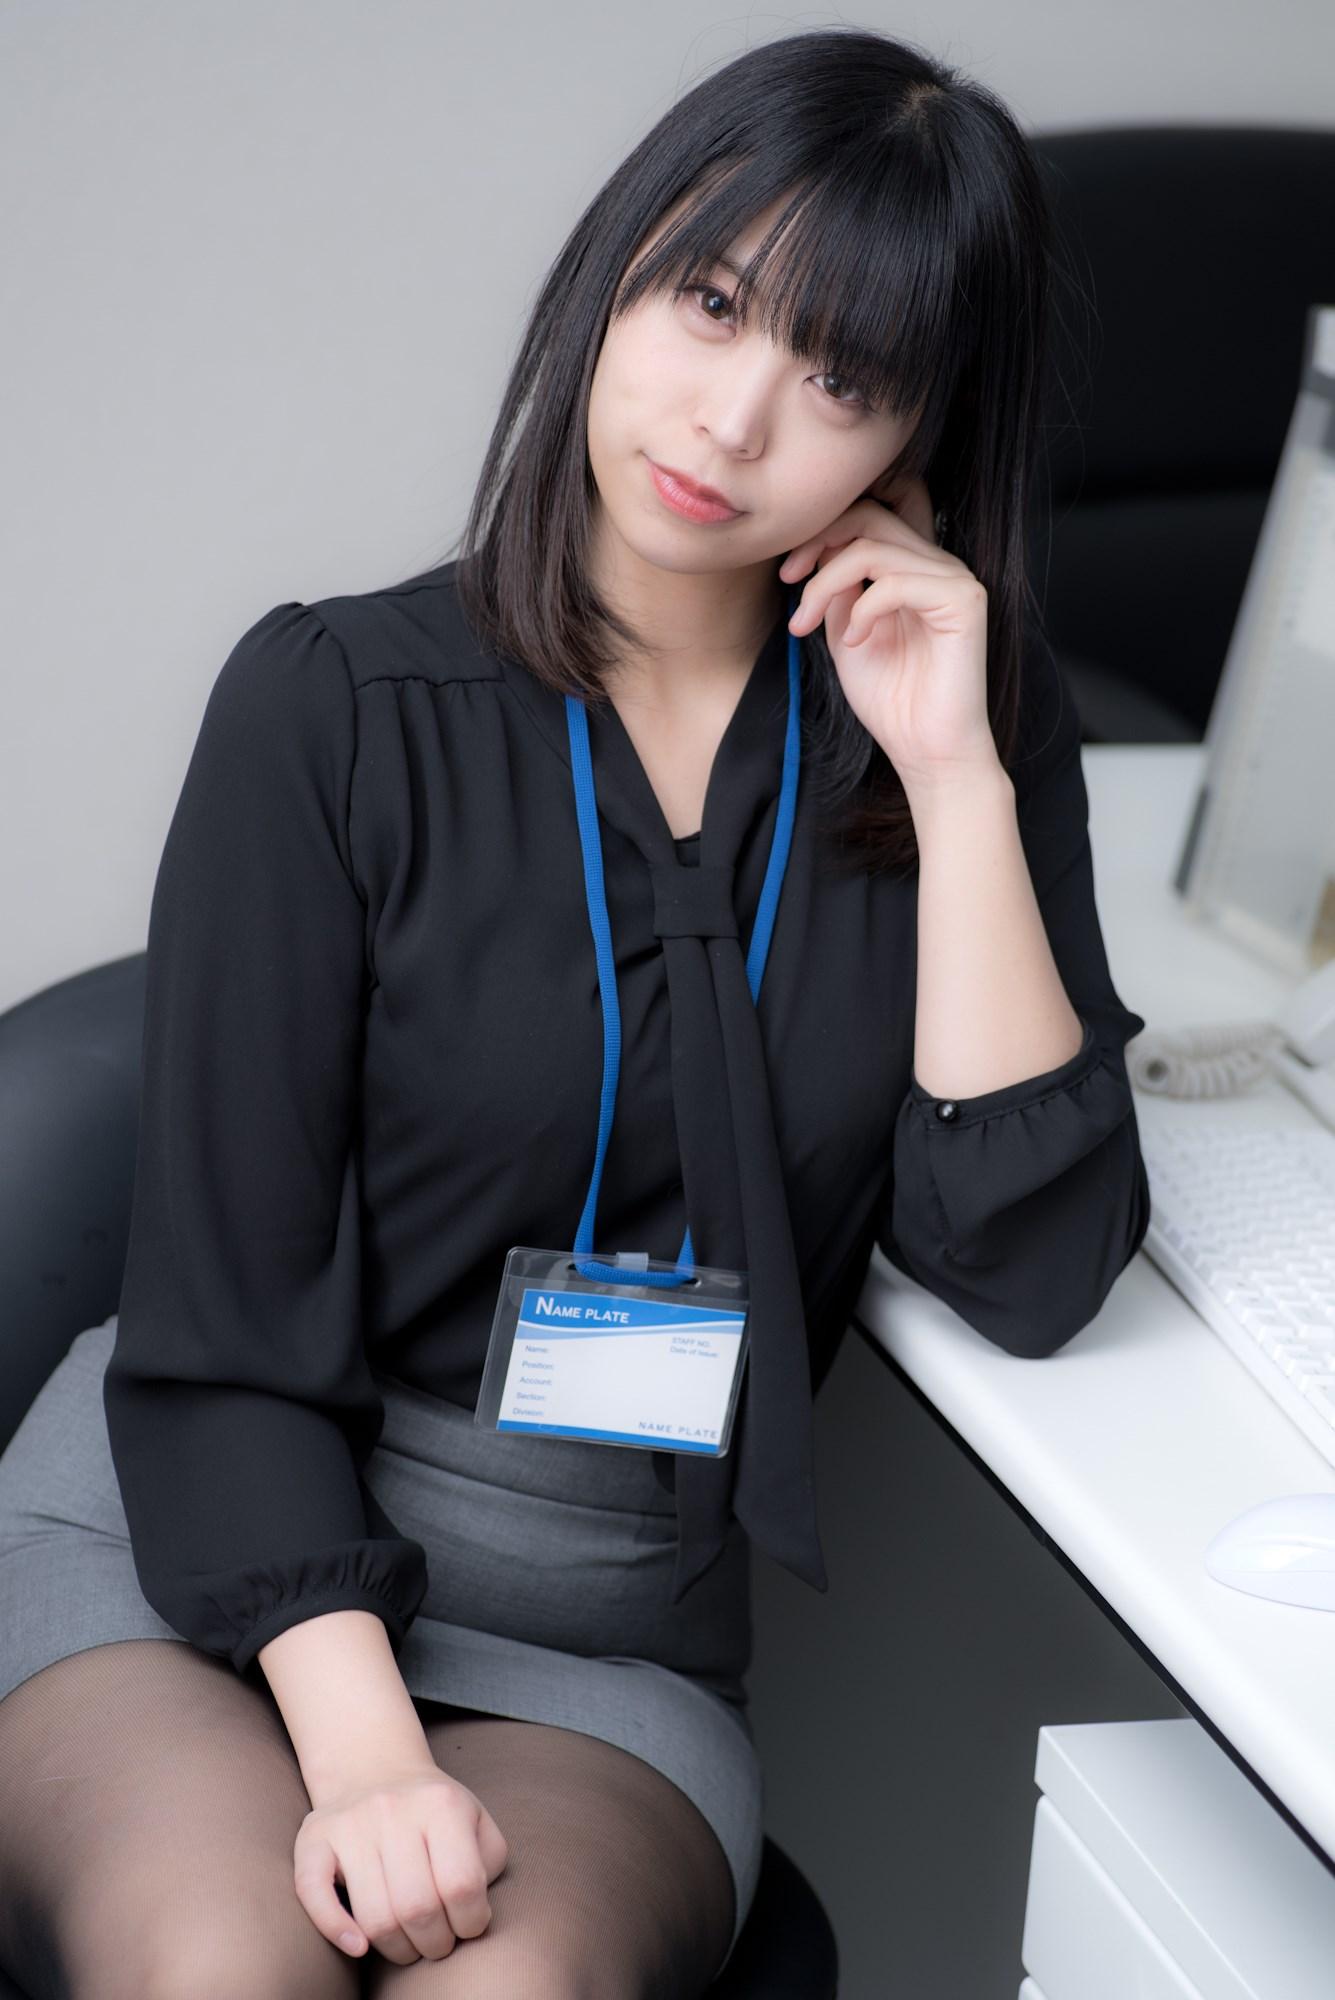 【兔玩映画】办公室的爱 兔玩映画 第7张